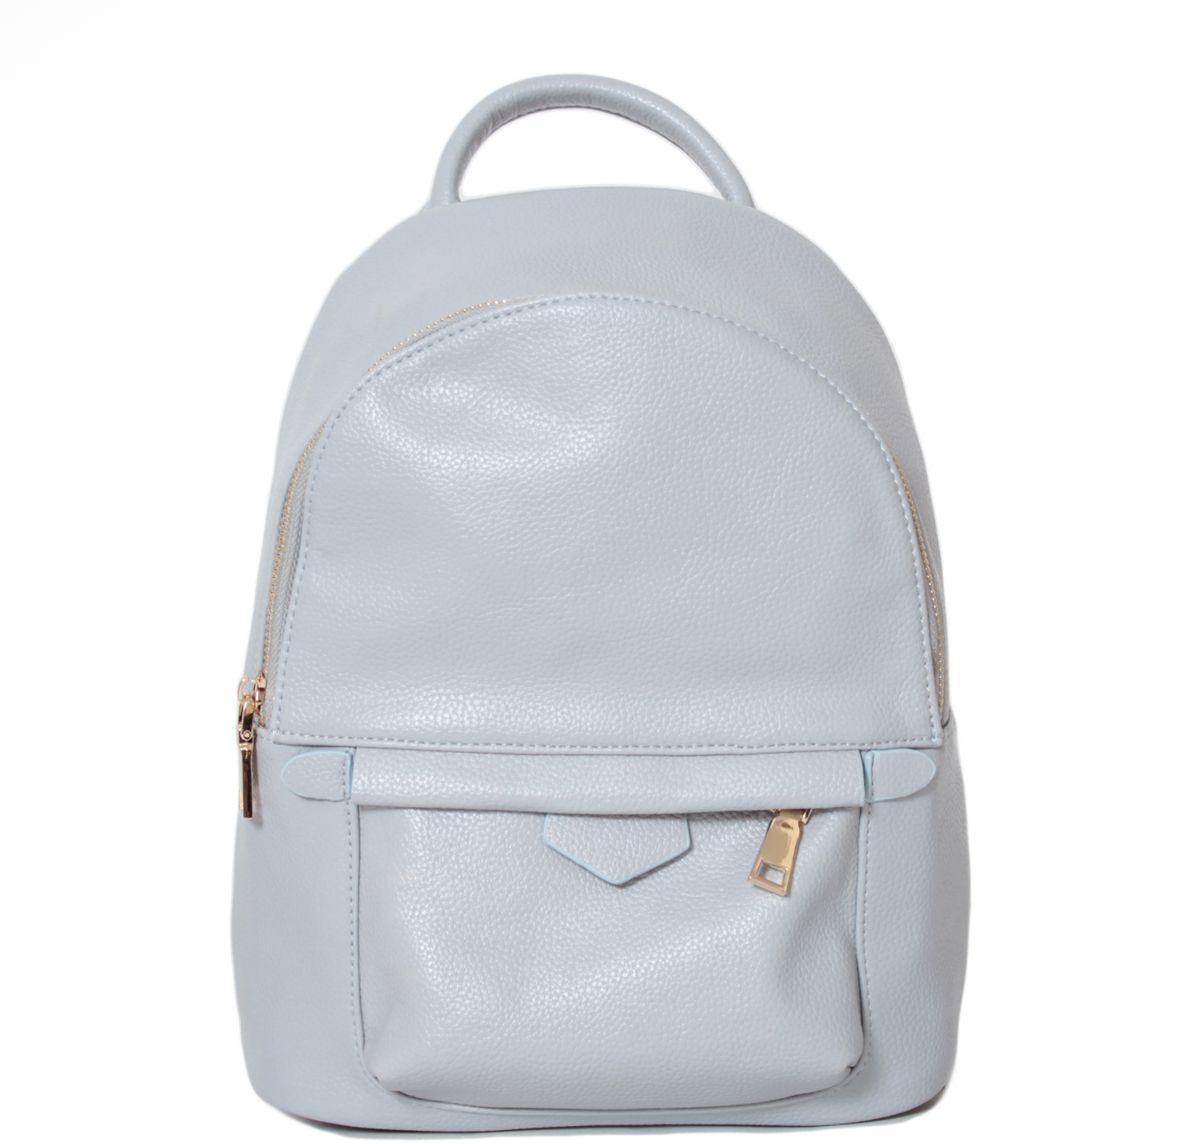 Рюкзак женский Flioraj, цвет: светло-серый. 21382138 greyРюкзак Flioraj выполнен из высококачественной искусственной кожи. Изделие оснащено ручкой для подвешивания и удобными лямками. На лицевой стороне расположен карман на молнии. Рюкзак закрывается на молнию. Внутри расположено главное вместительное отделение, которое содержит один небольшой карман на молнии и один открытый накладной карман для мелочей.